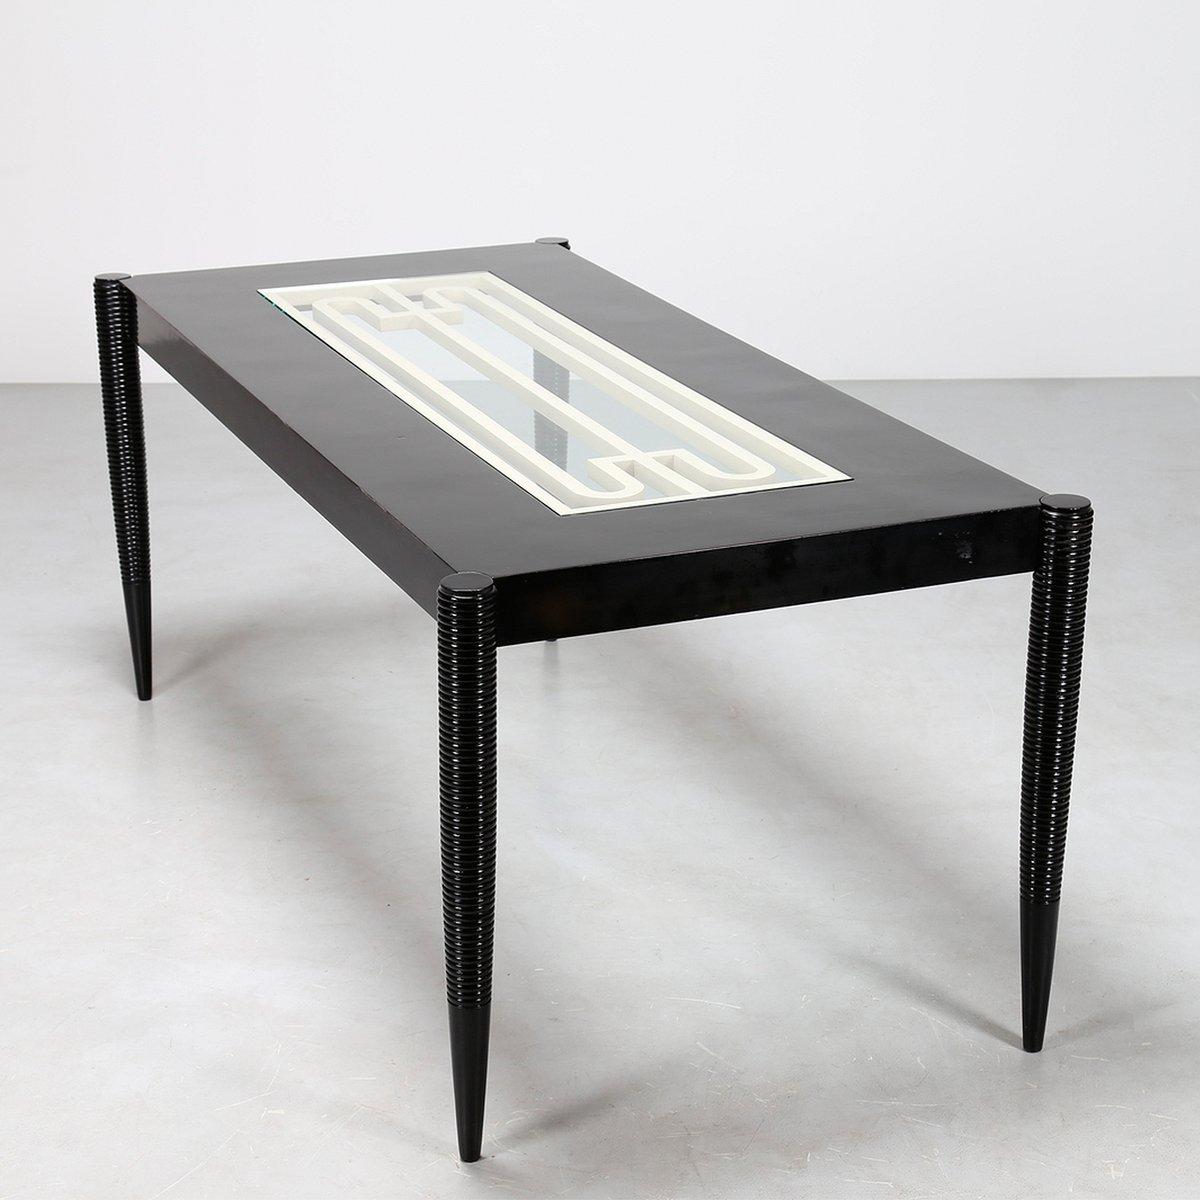 italienischer mid century esstisch aus schwarz lackiertem holz 1950er bei pamono kaufen. Black Bedroom Furniture Sets. Home Design Ideas